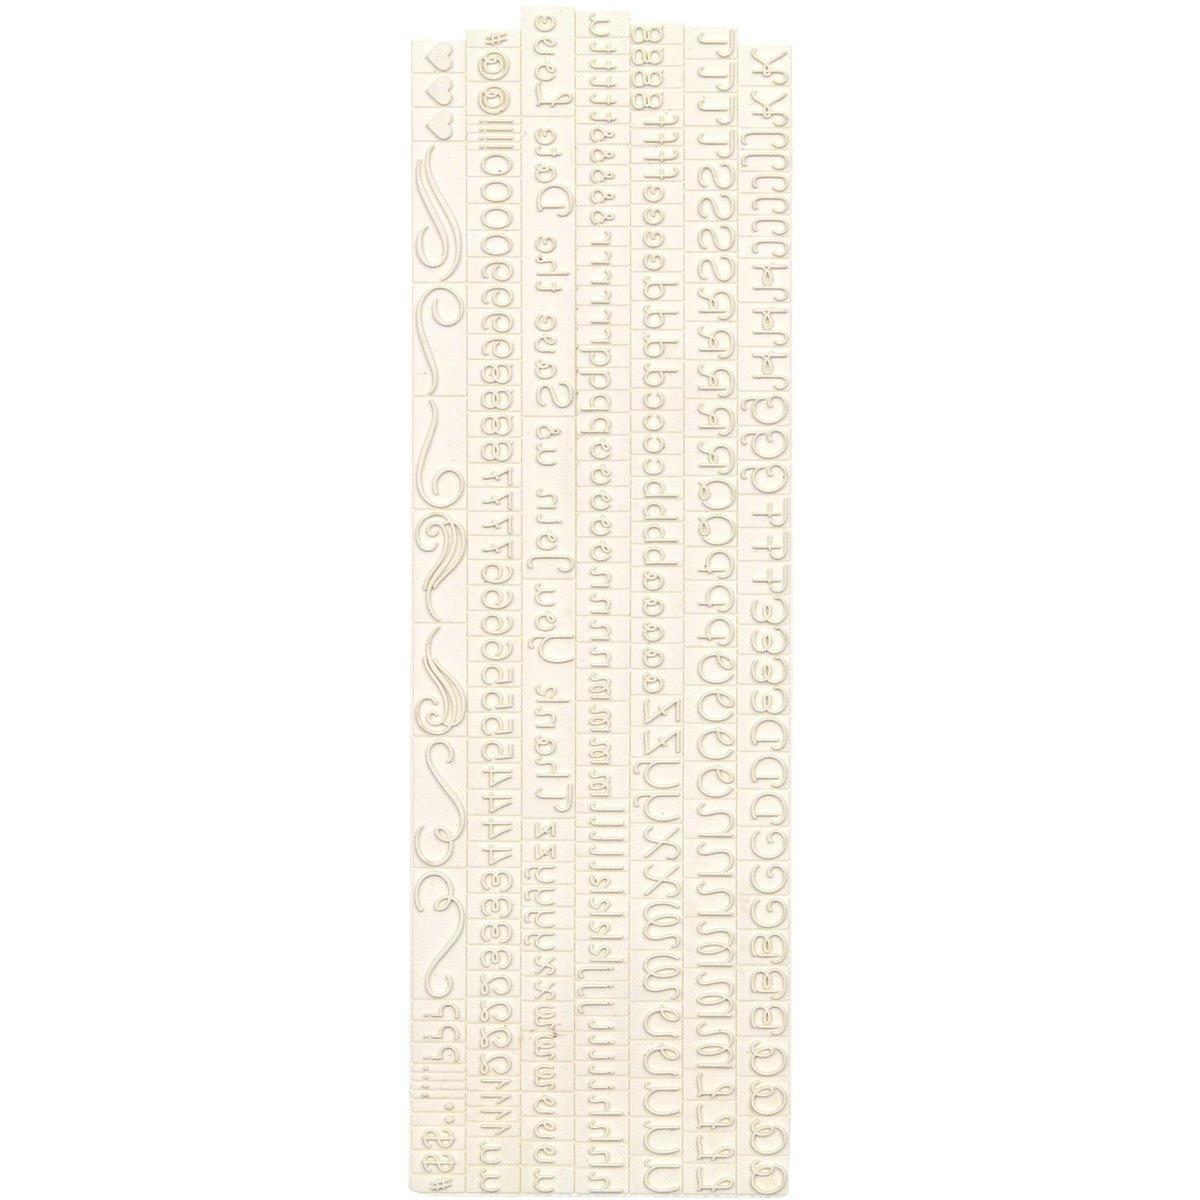 Loop Script Alphabet EKS 40-22007 Martha Stewart Crafts Rubber Stamp